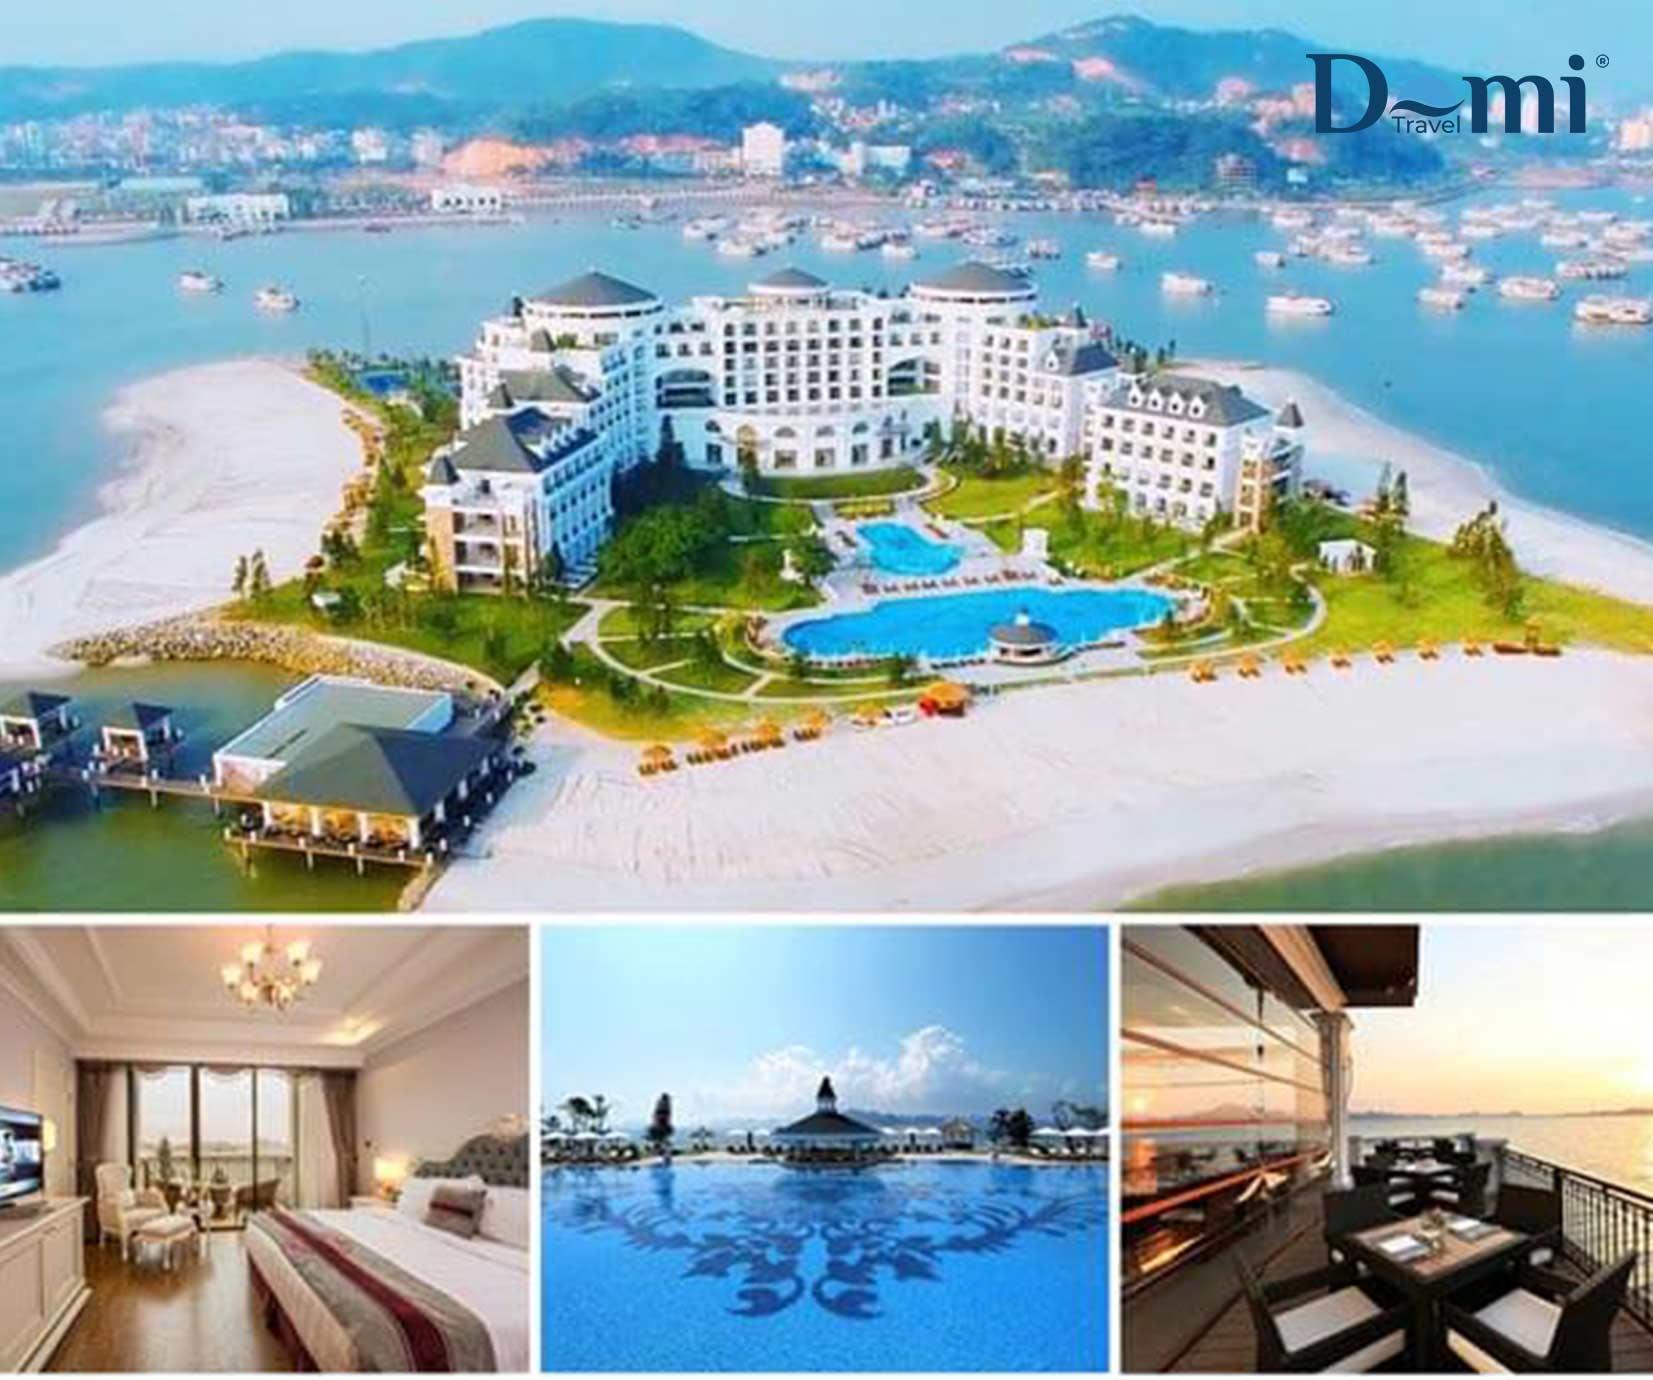 Thiên đường nghỉ dưỡng tại Vinpearl Resort & Spa Hạ Long với gói Booking khách sạn nghỉ dưỡng đẳng cấp 5 sao tại Vinpearl Resort & Spa Hạ Long + Xe đón tiễn tại Sân Bay